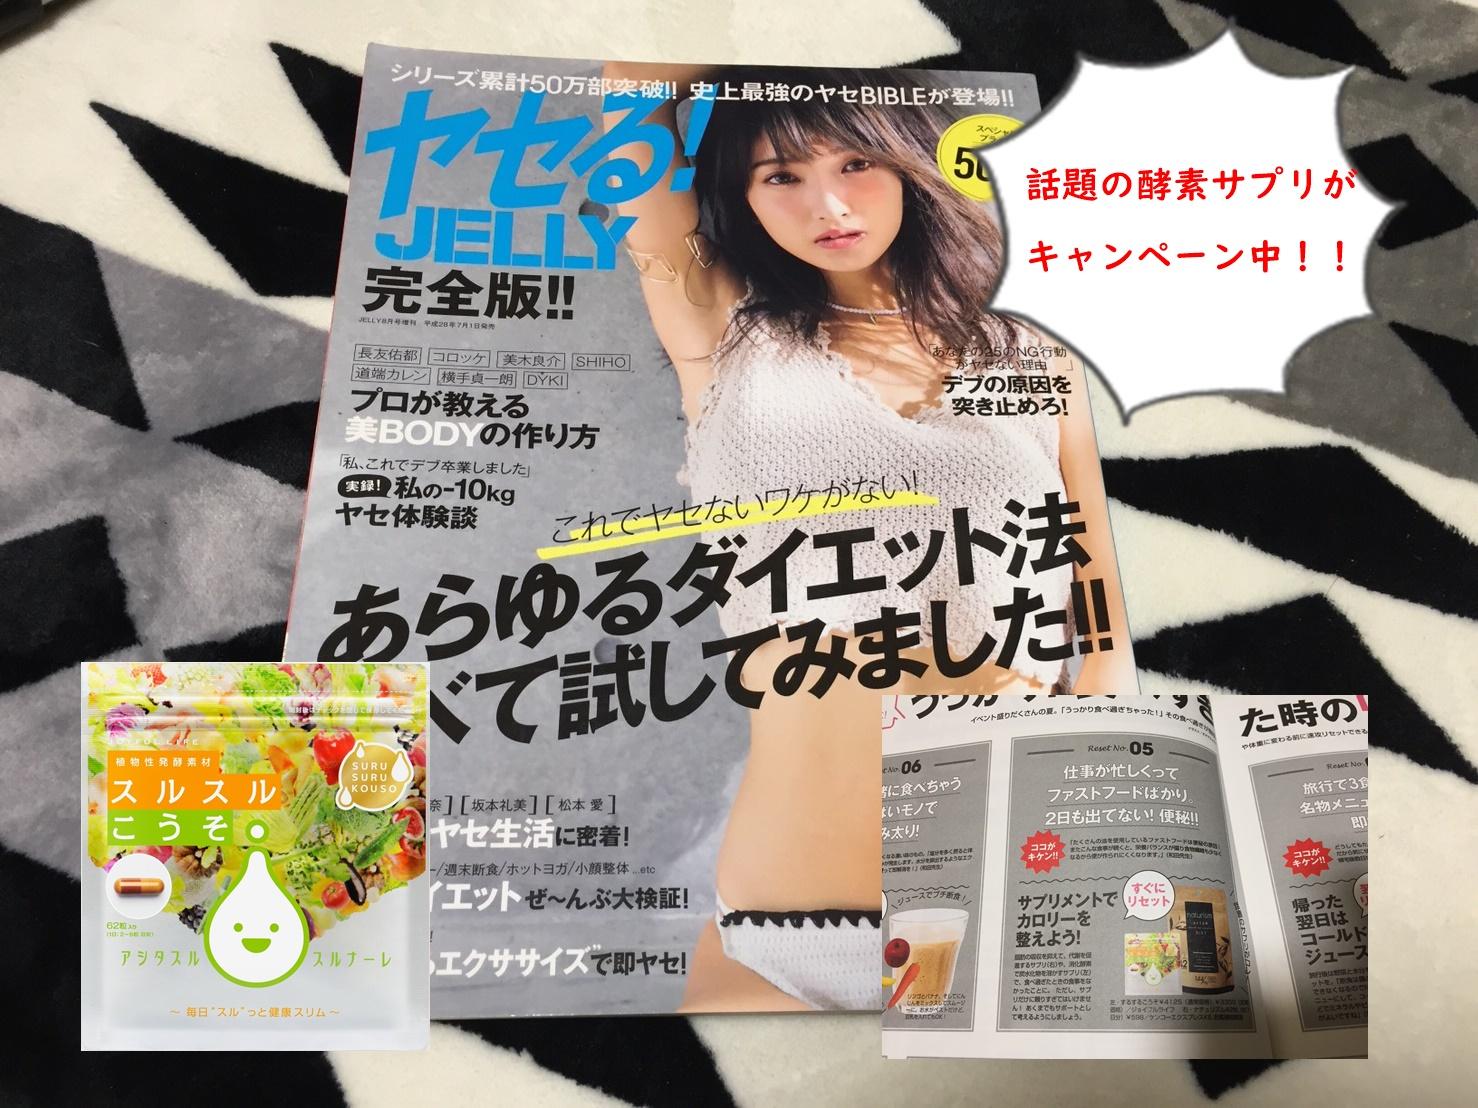 やせる!JELLYで紹介されたスルスルこうそが990円のお得なキャンペーン!食べるのを我慢できない人におすすめのダイエット方法を紹介します!